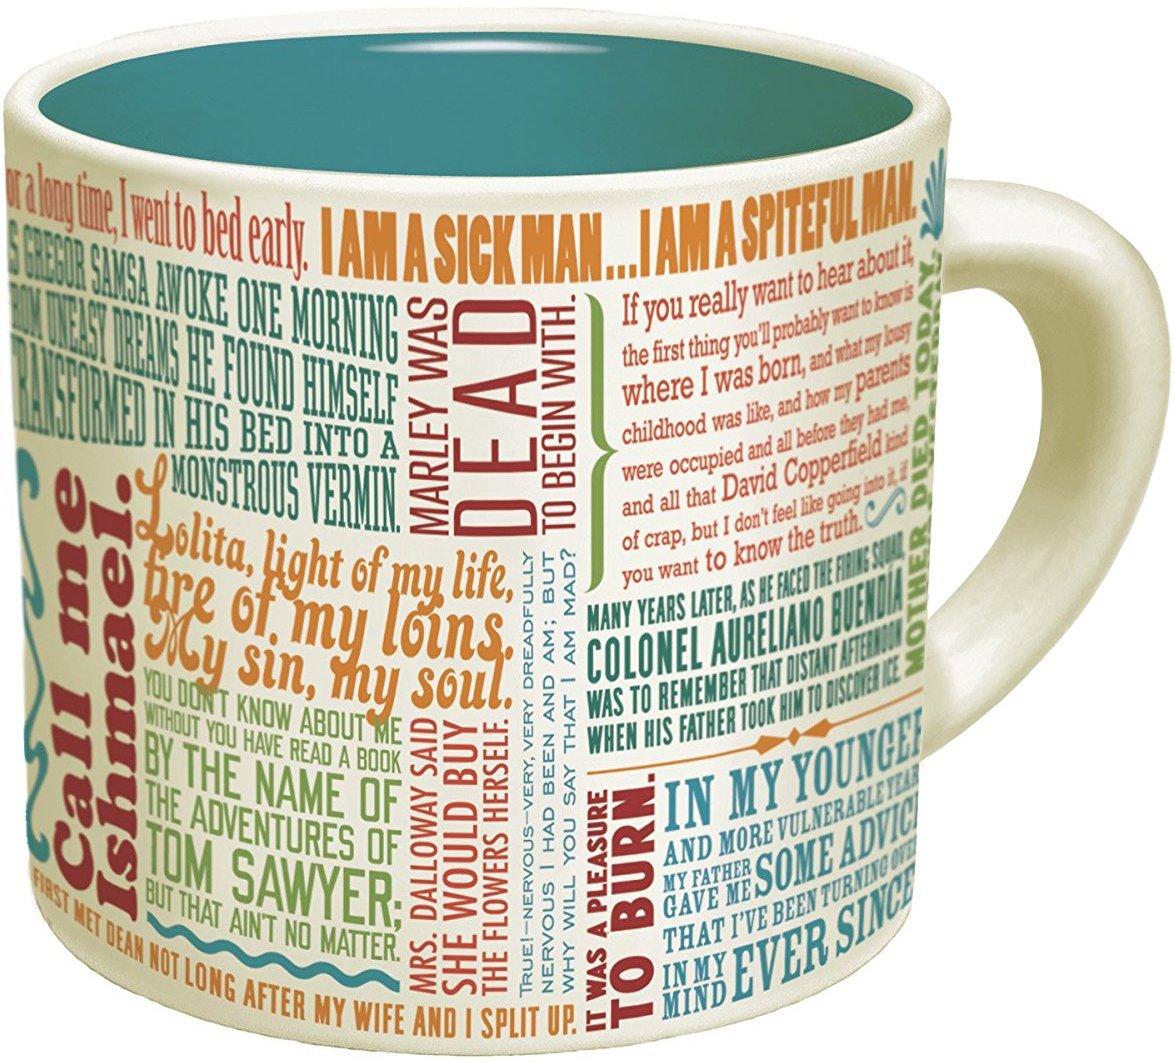 Last Lines of Literature Mug 4261